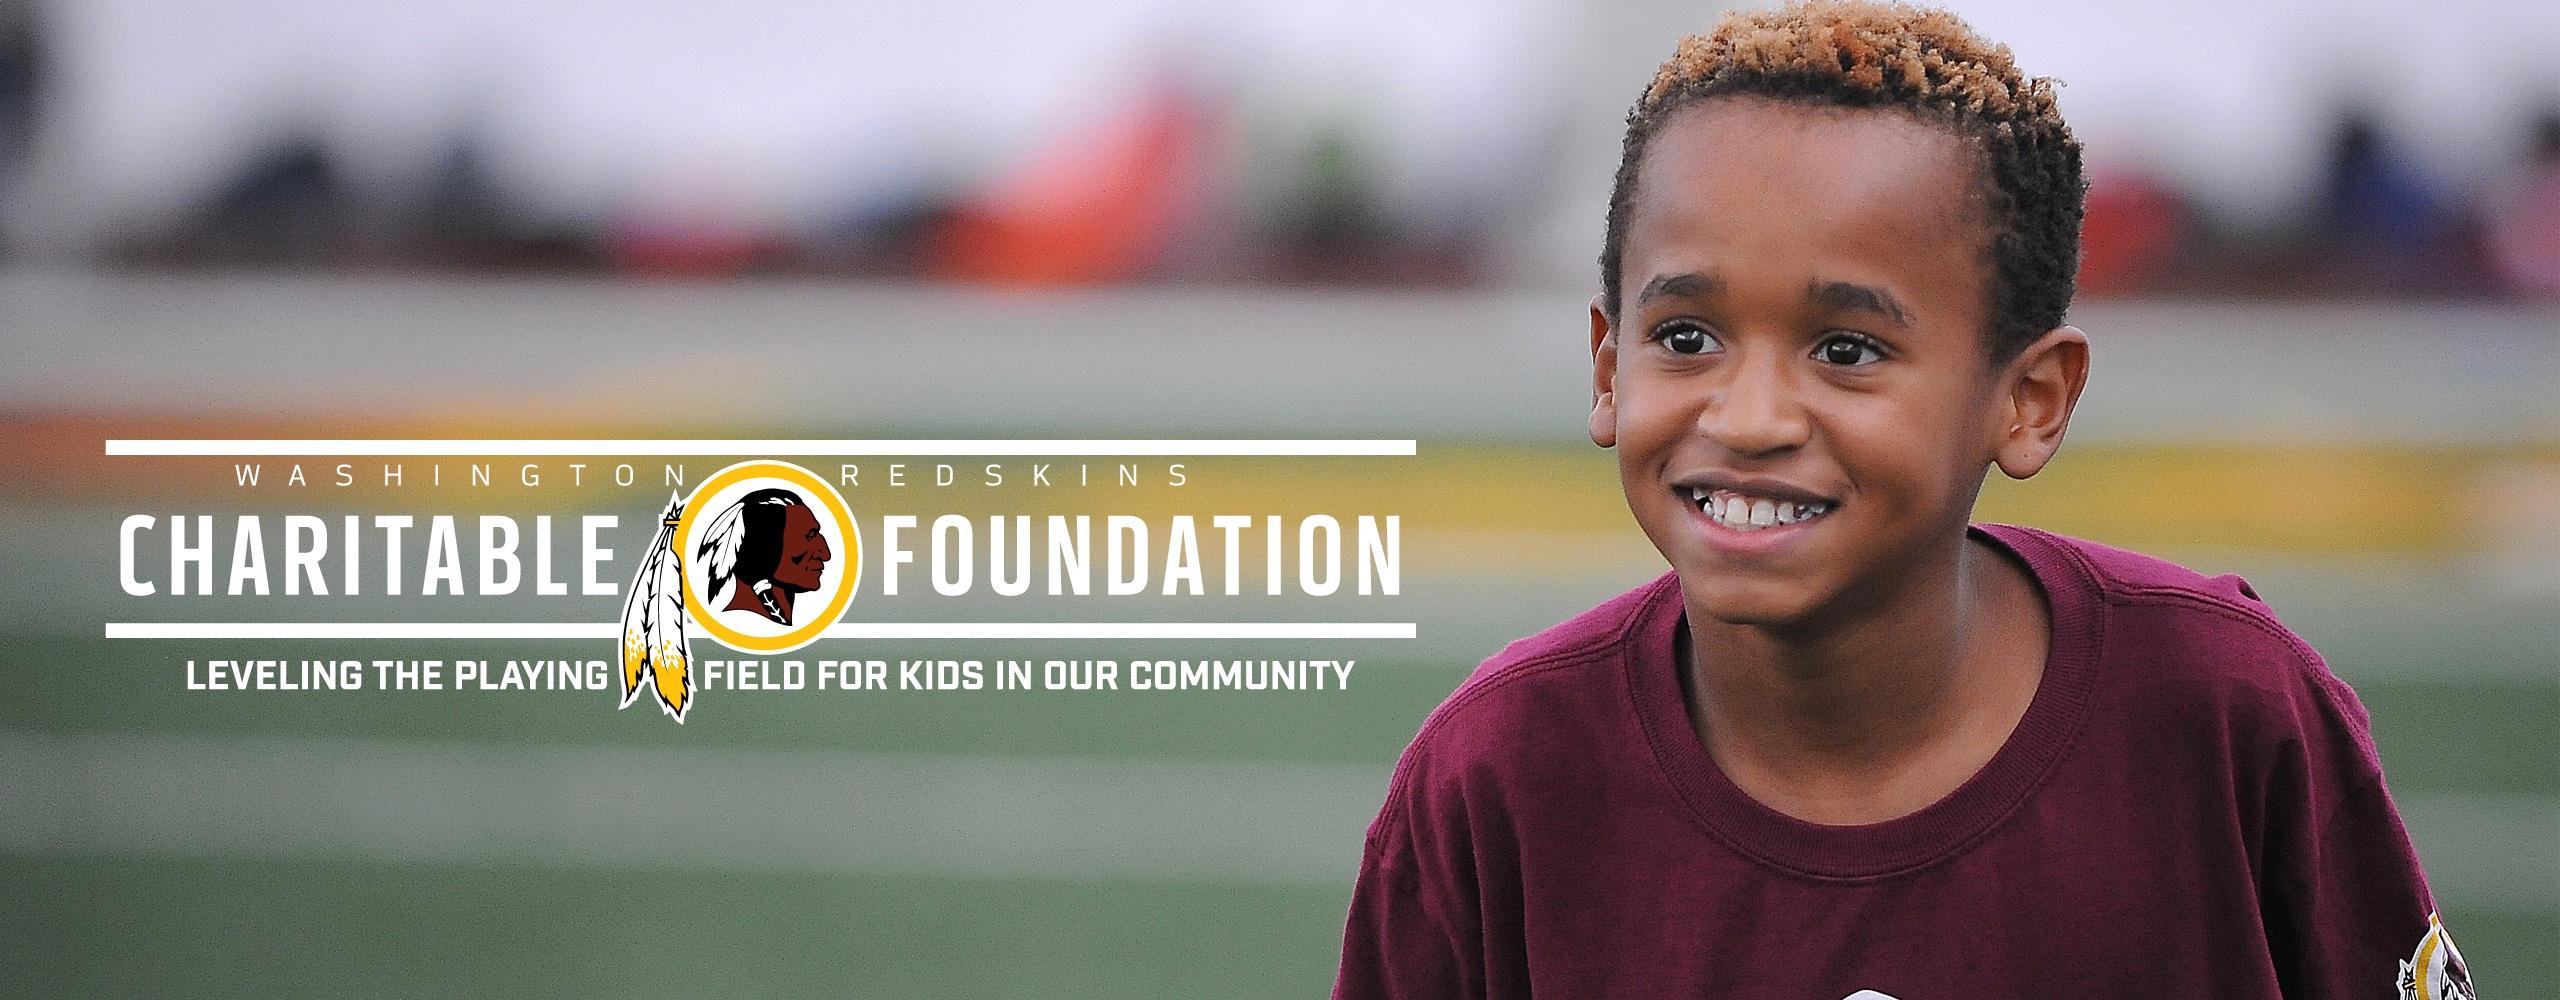 cd832654 Redskins Charitable Foundation | Washington Redskins - Redskins.com